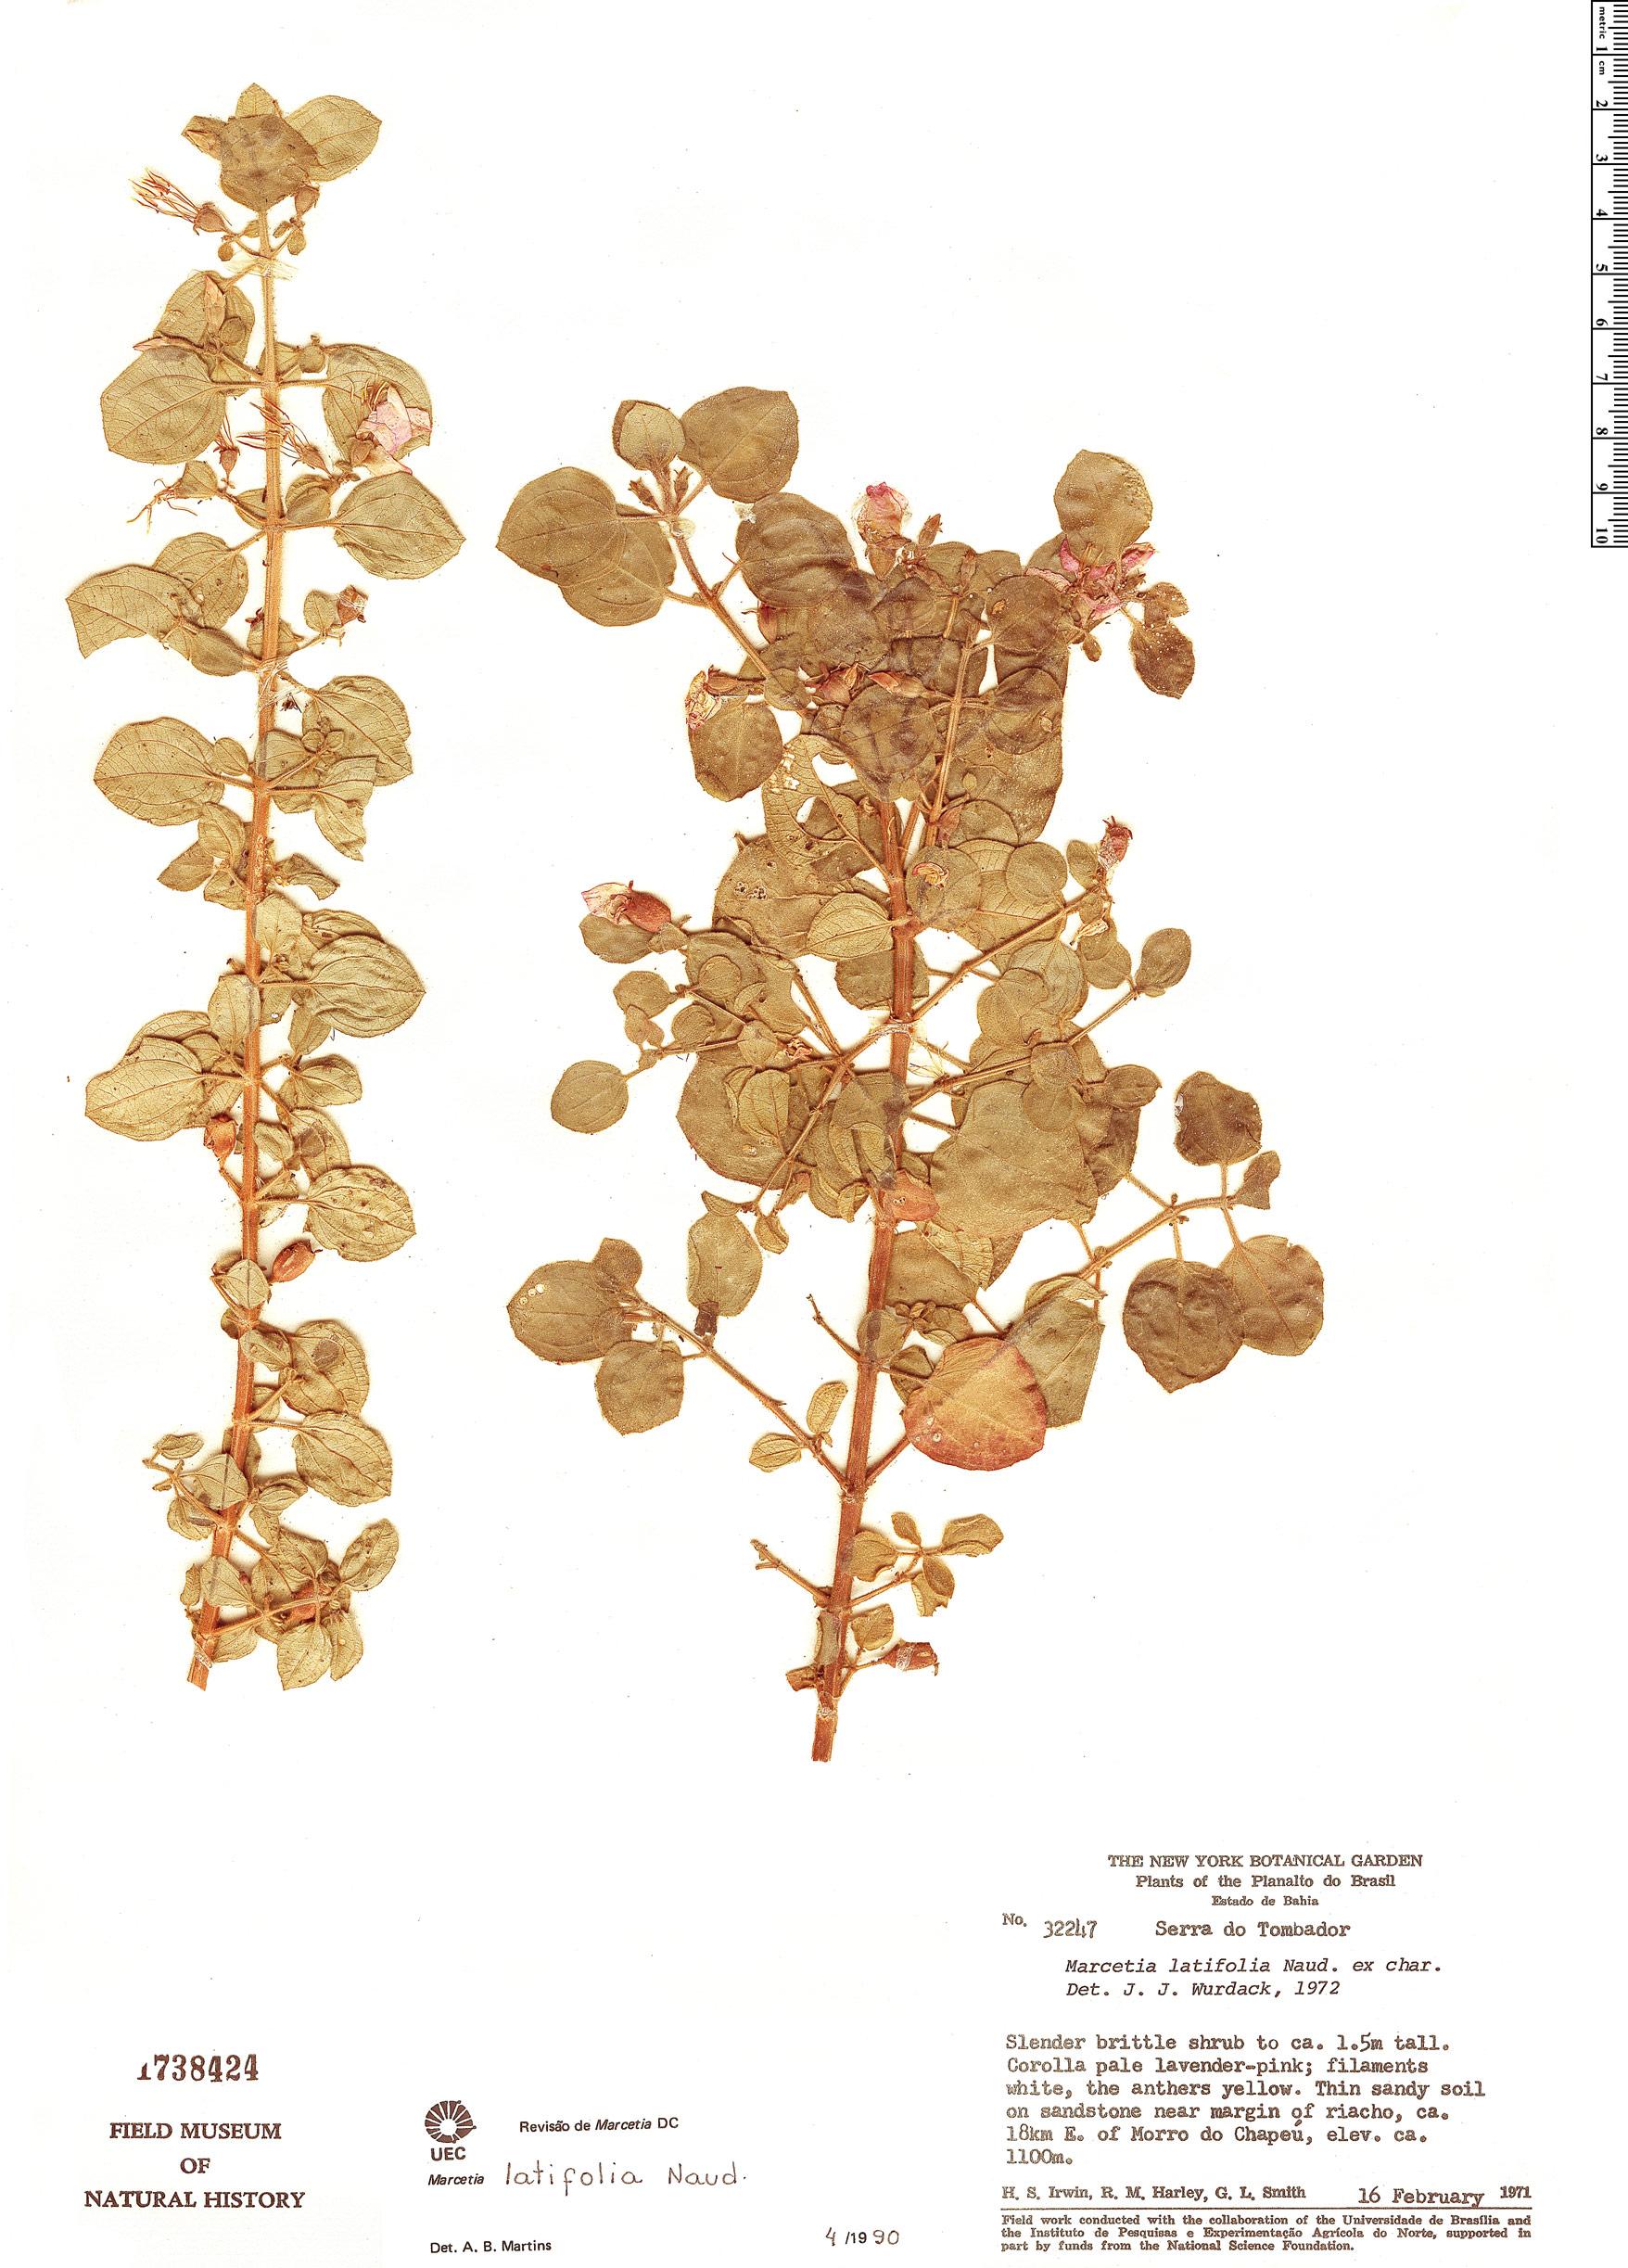 Specimen: Marcetia latifolia